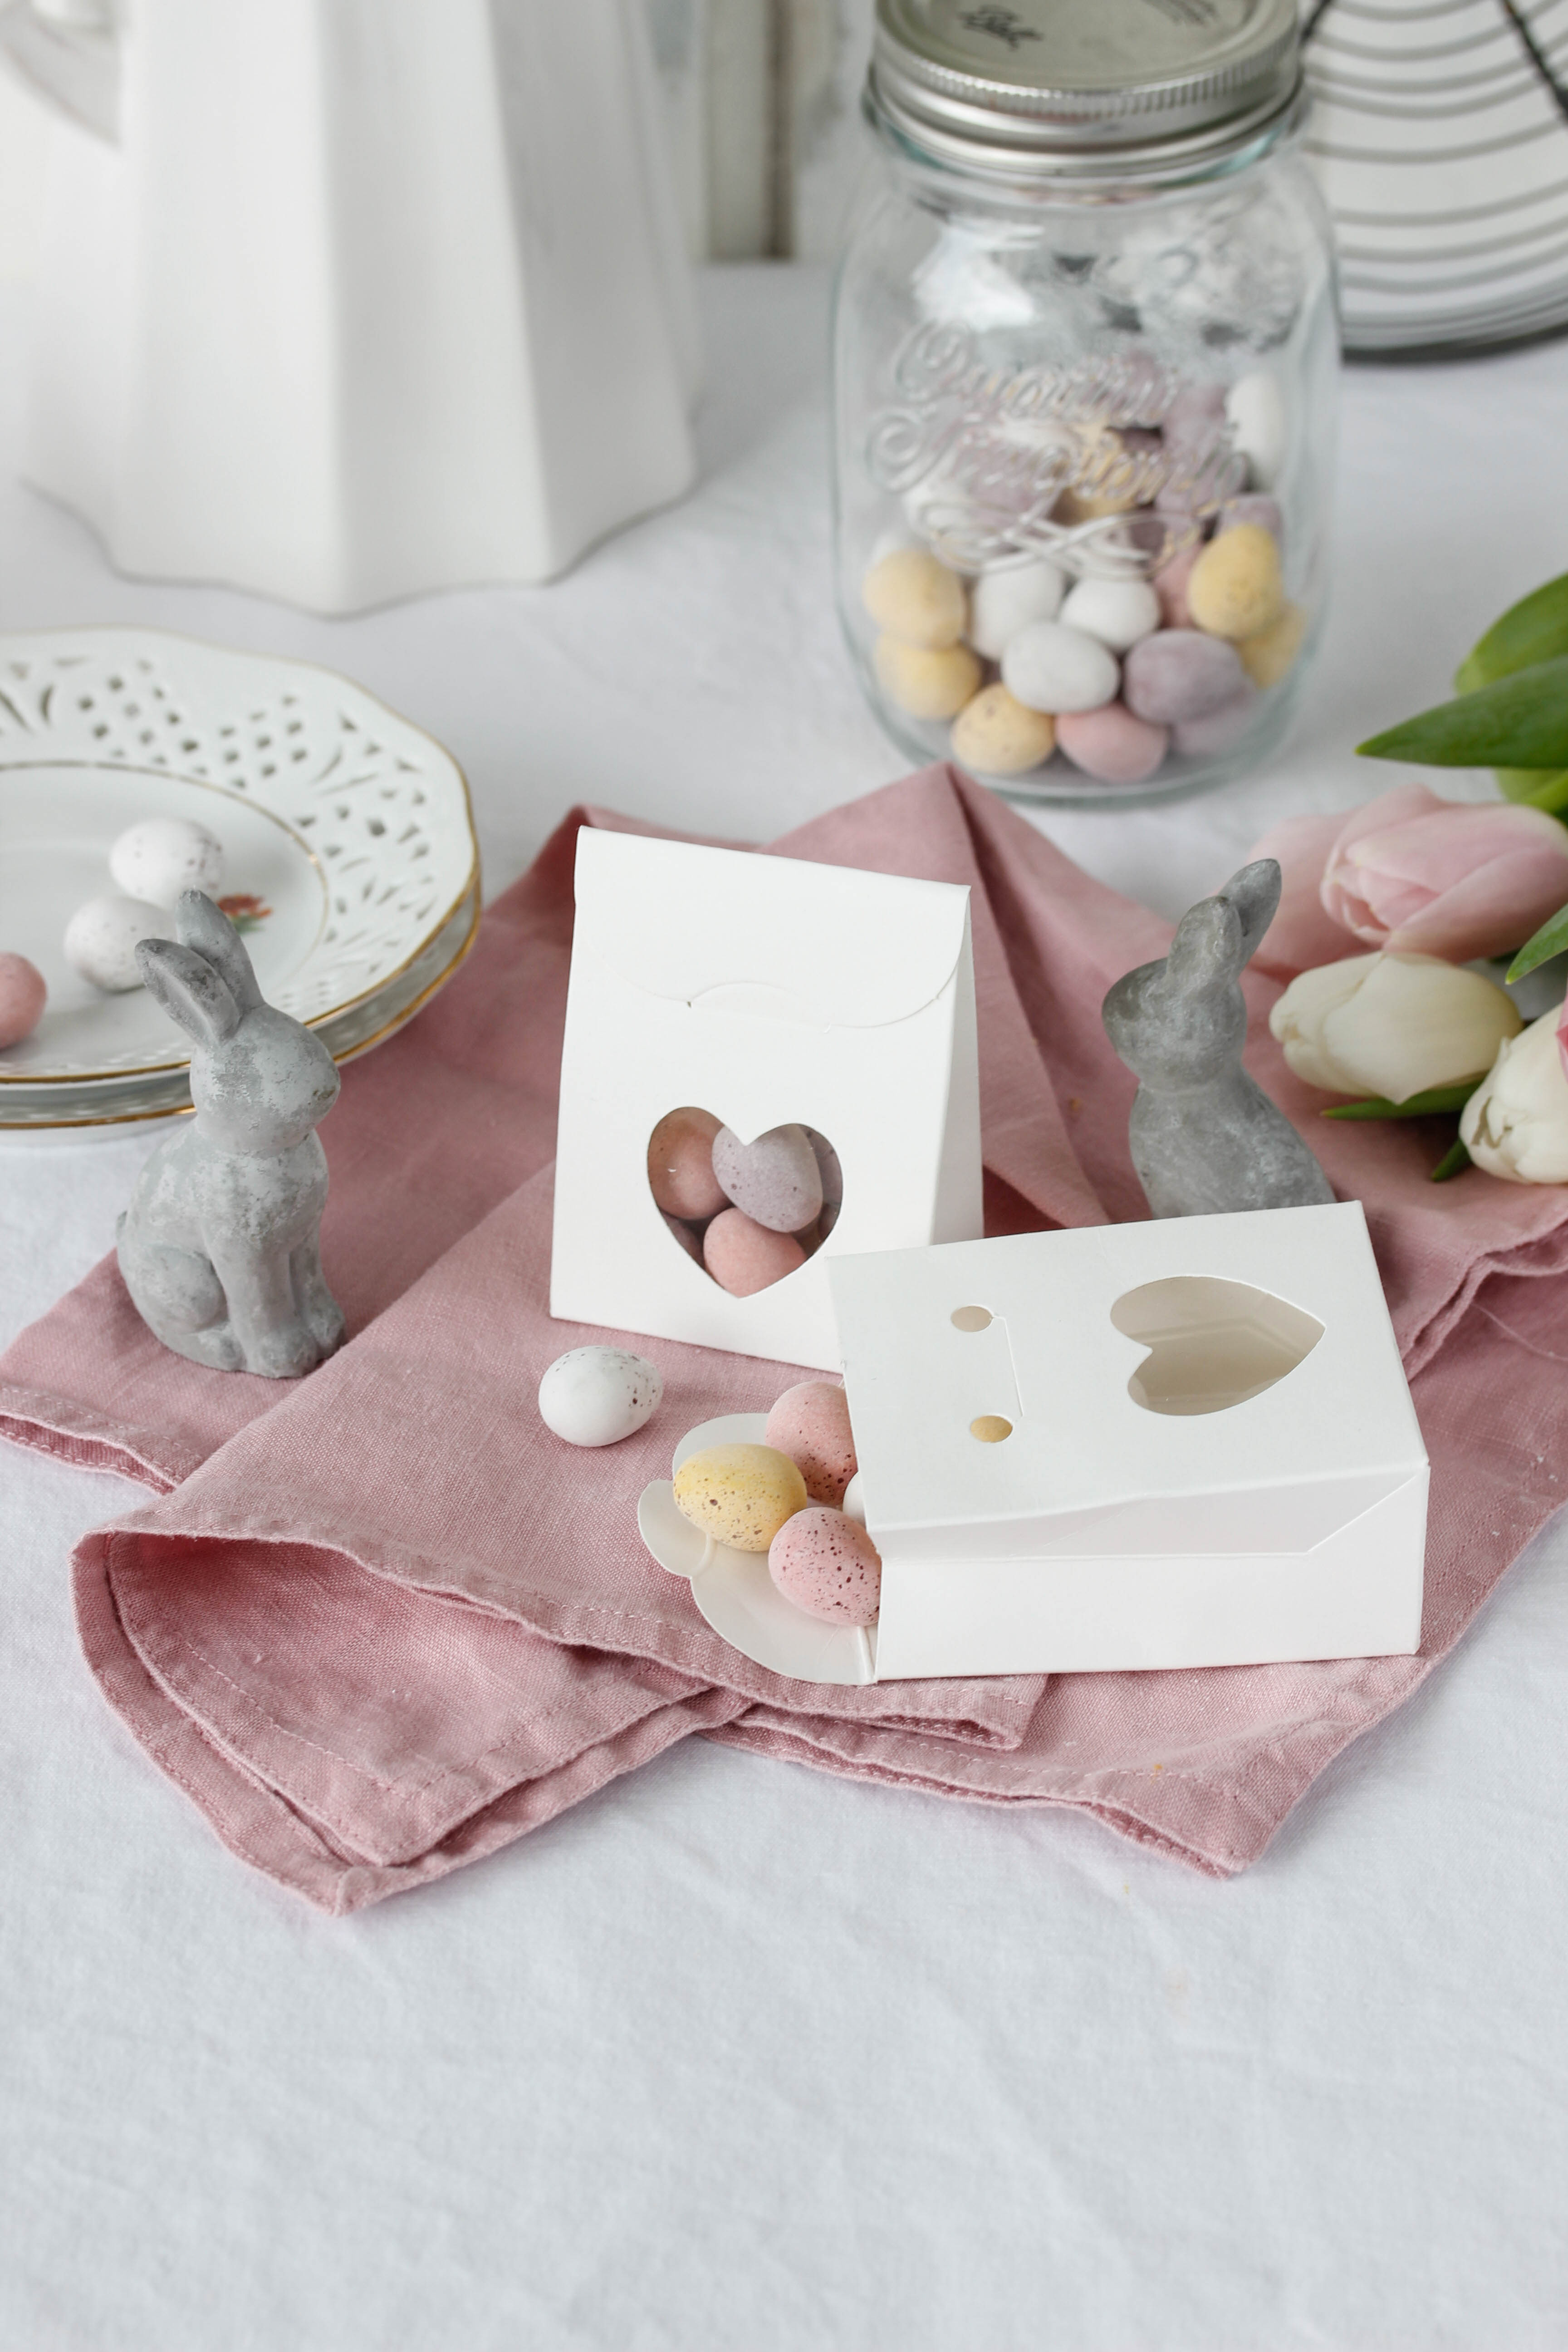 Kleine Geschenke zu Ostern selber machen #ostern #diy #easter #geschenke | Emma´s Lieblingsstücke